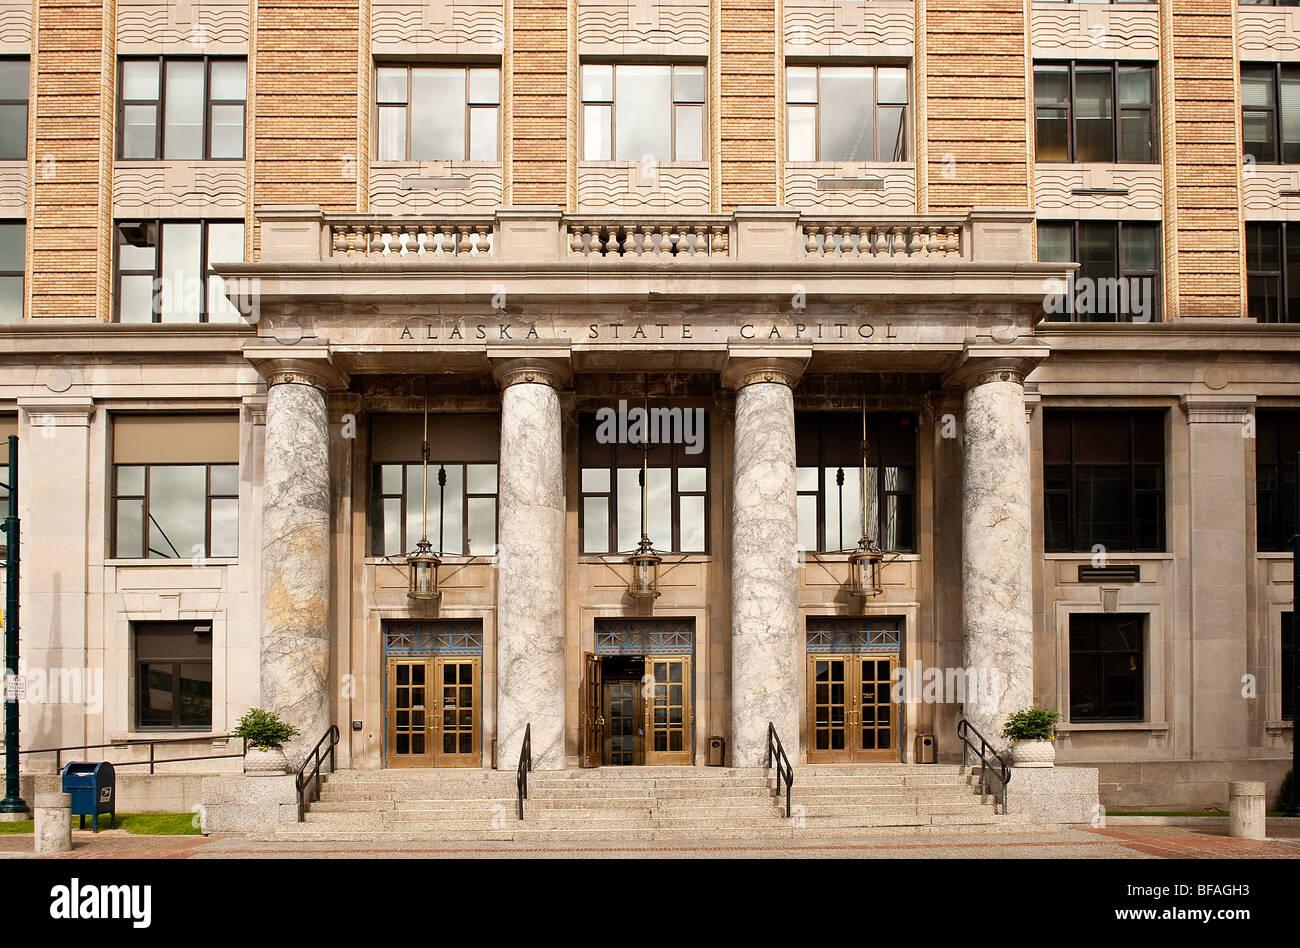 El edificio del Capitolio, en el centro de la ciudad, Juneau, Alaska, EE.UU. Imagen De Stock